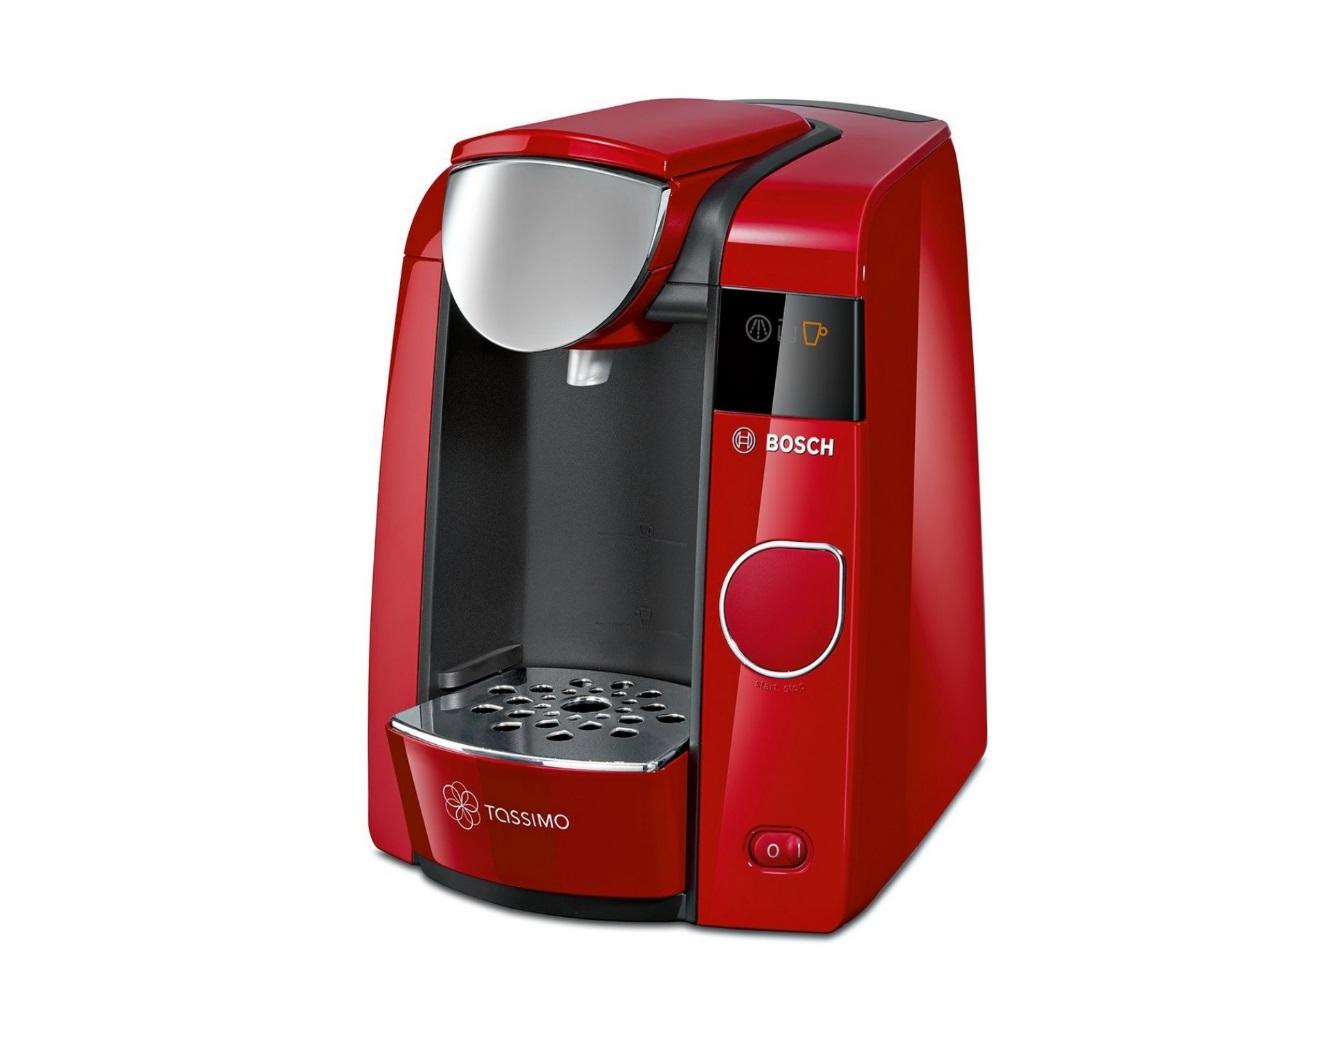 Bosch-TAS4503-Tassimo-Multi-Getränke-kaffeeautomat-JOY-10 Tassimo Maschinen